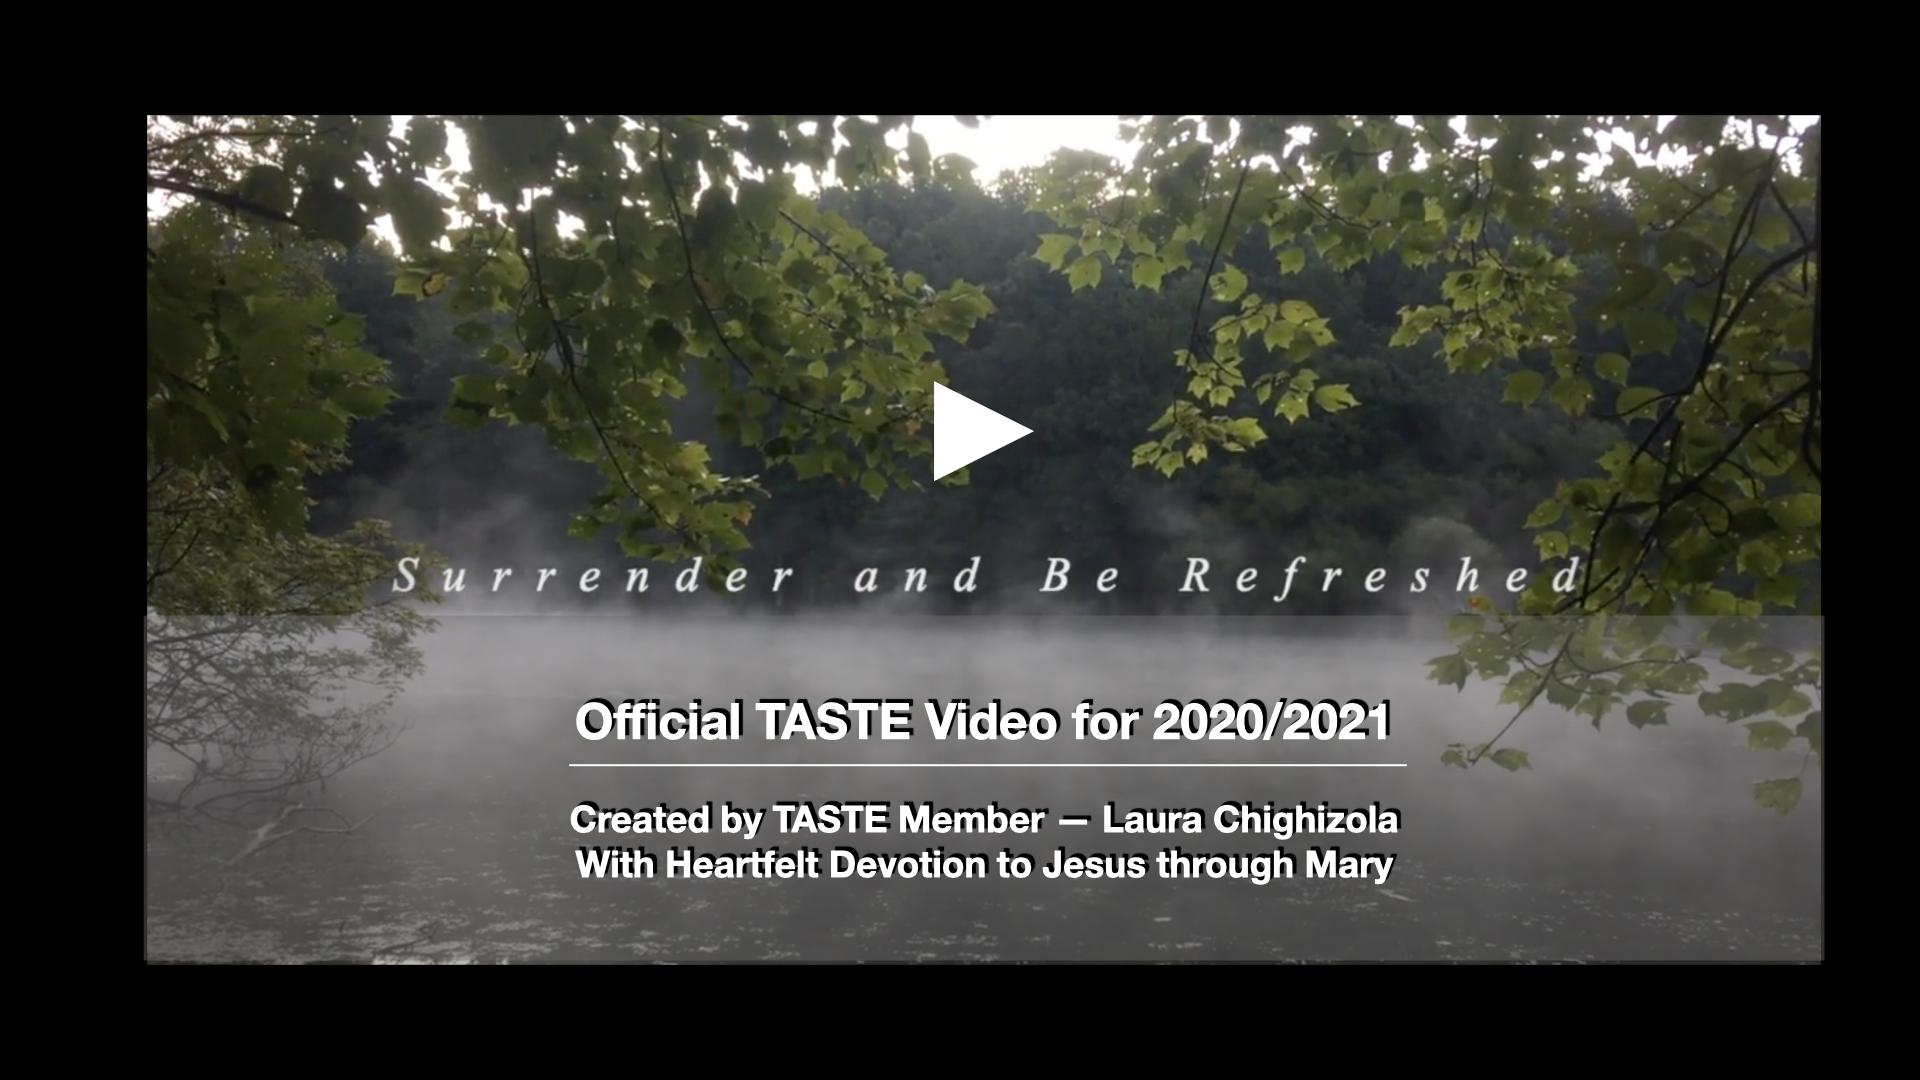 TASTE Video 2020:2021